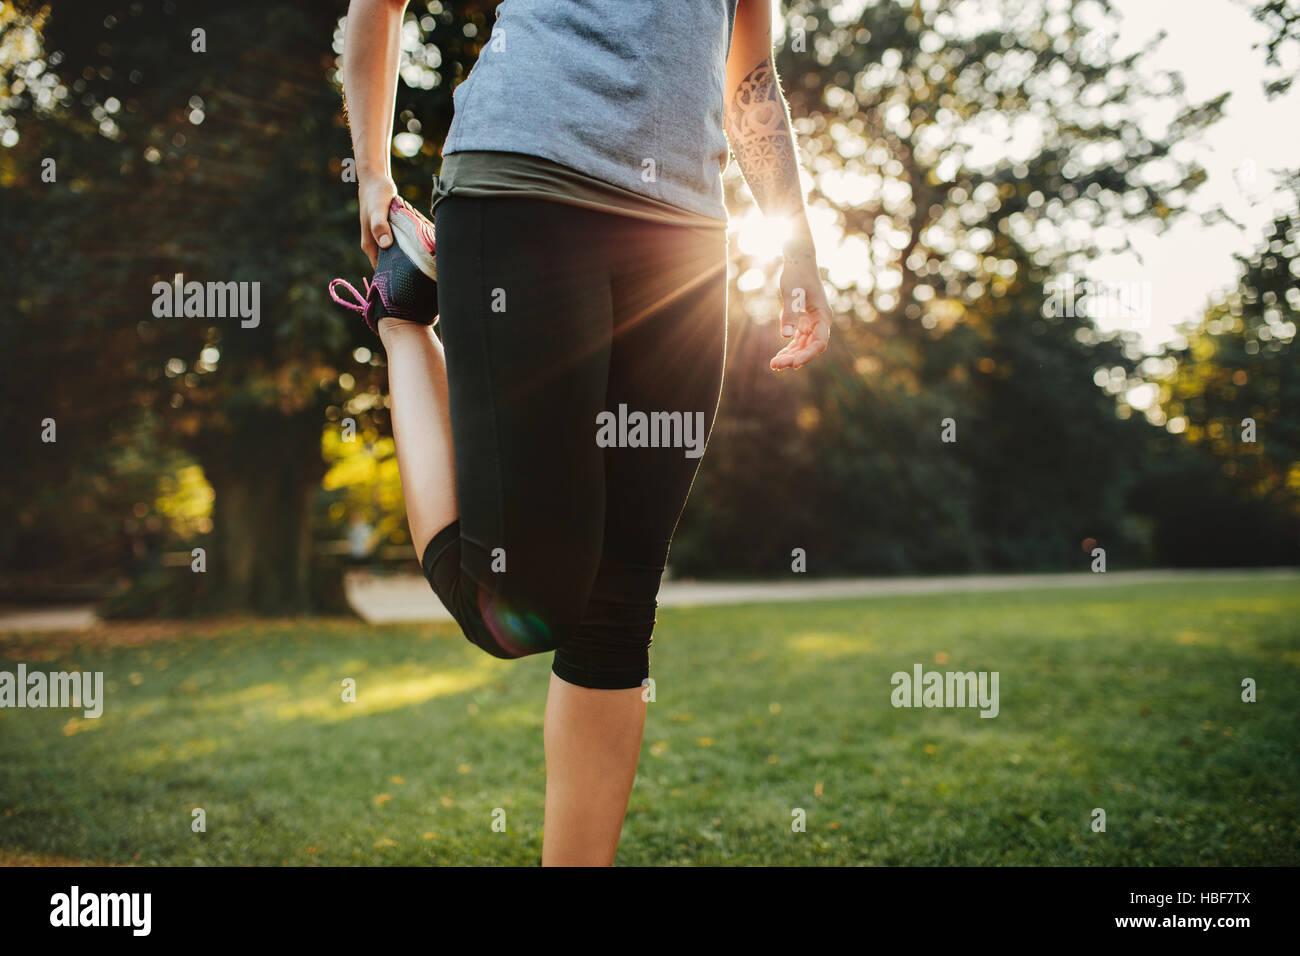 Captura recortada de mujer fitness estirar las piernas. Modelo femenino el ejercicio en la mañana en el parque Imagen De Stock